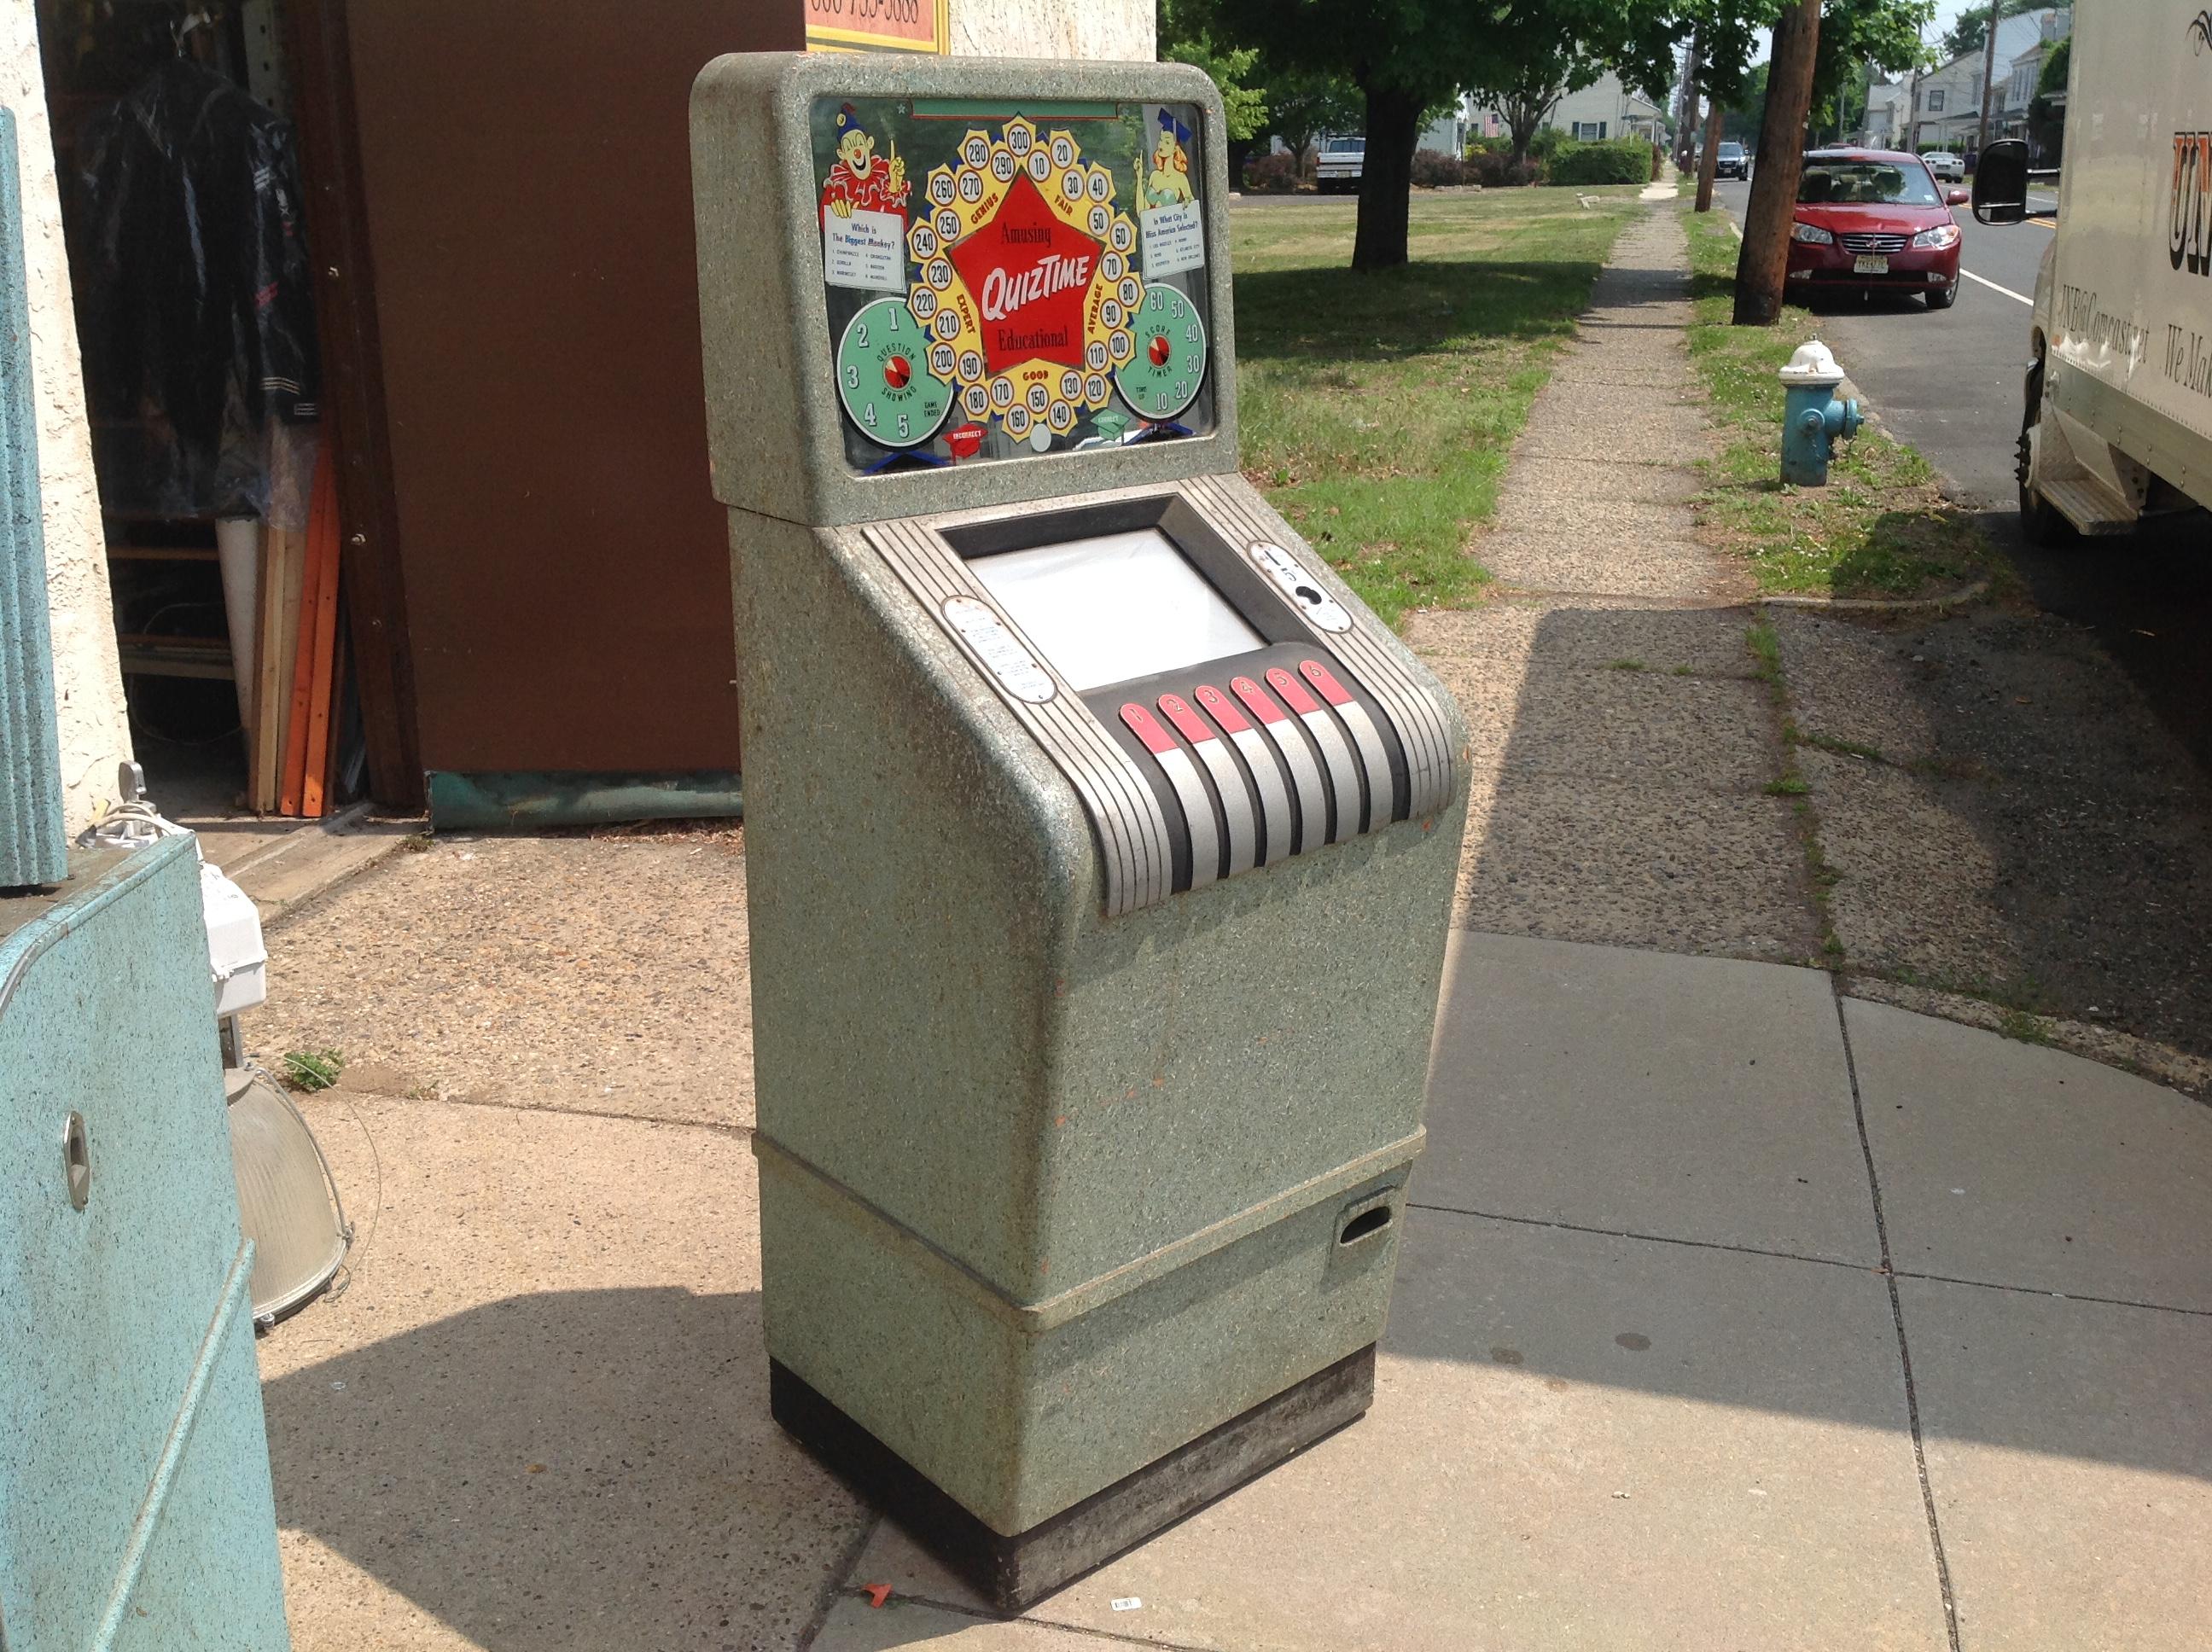 1940's Quiztime Penny Arcade Machine « Obnoxious Antiques